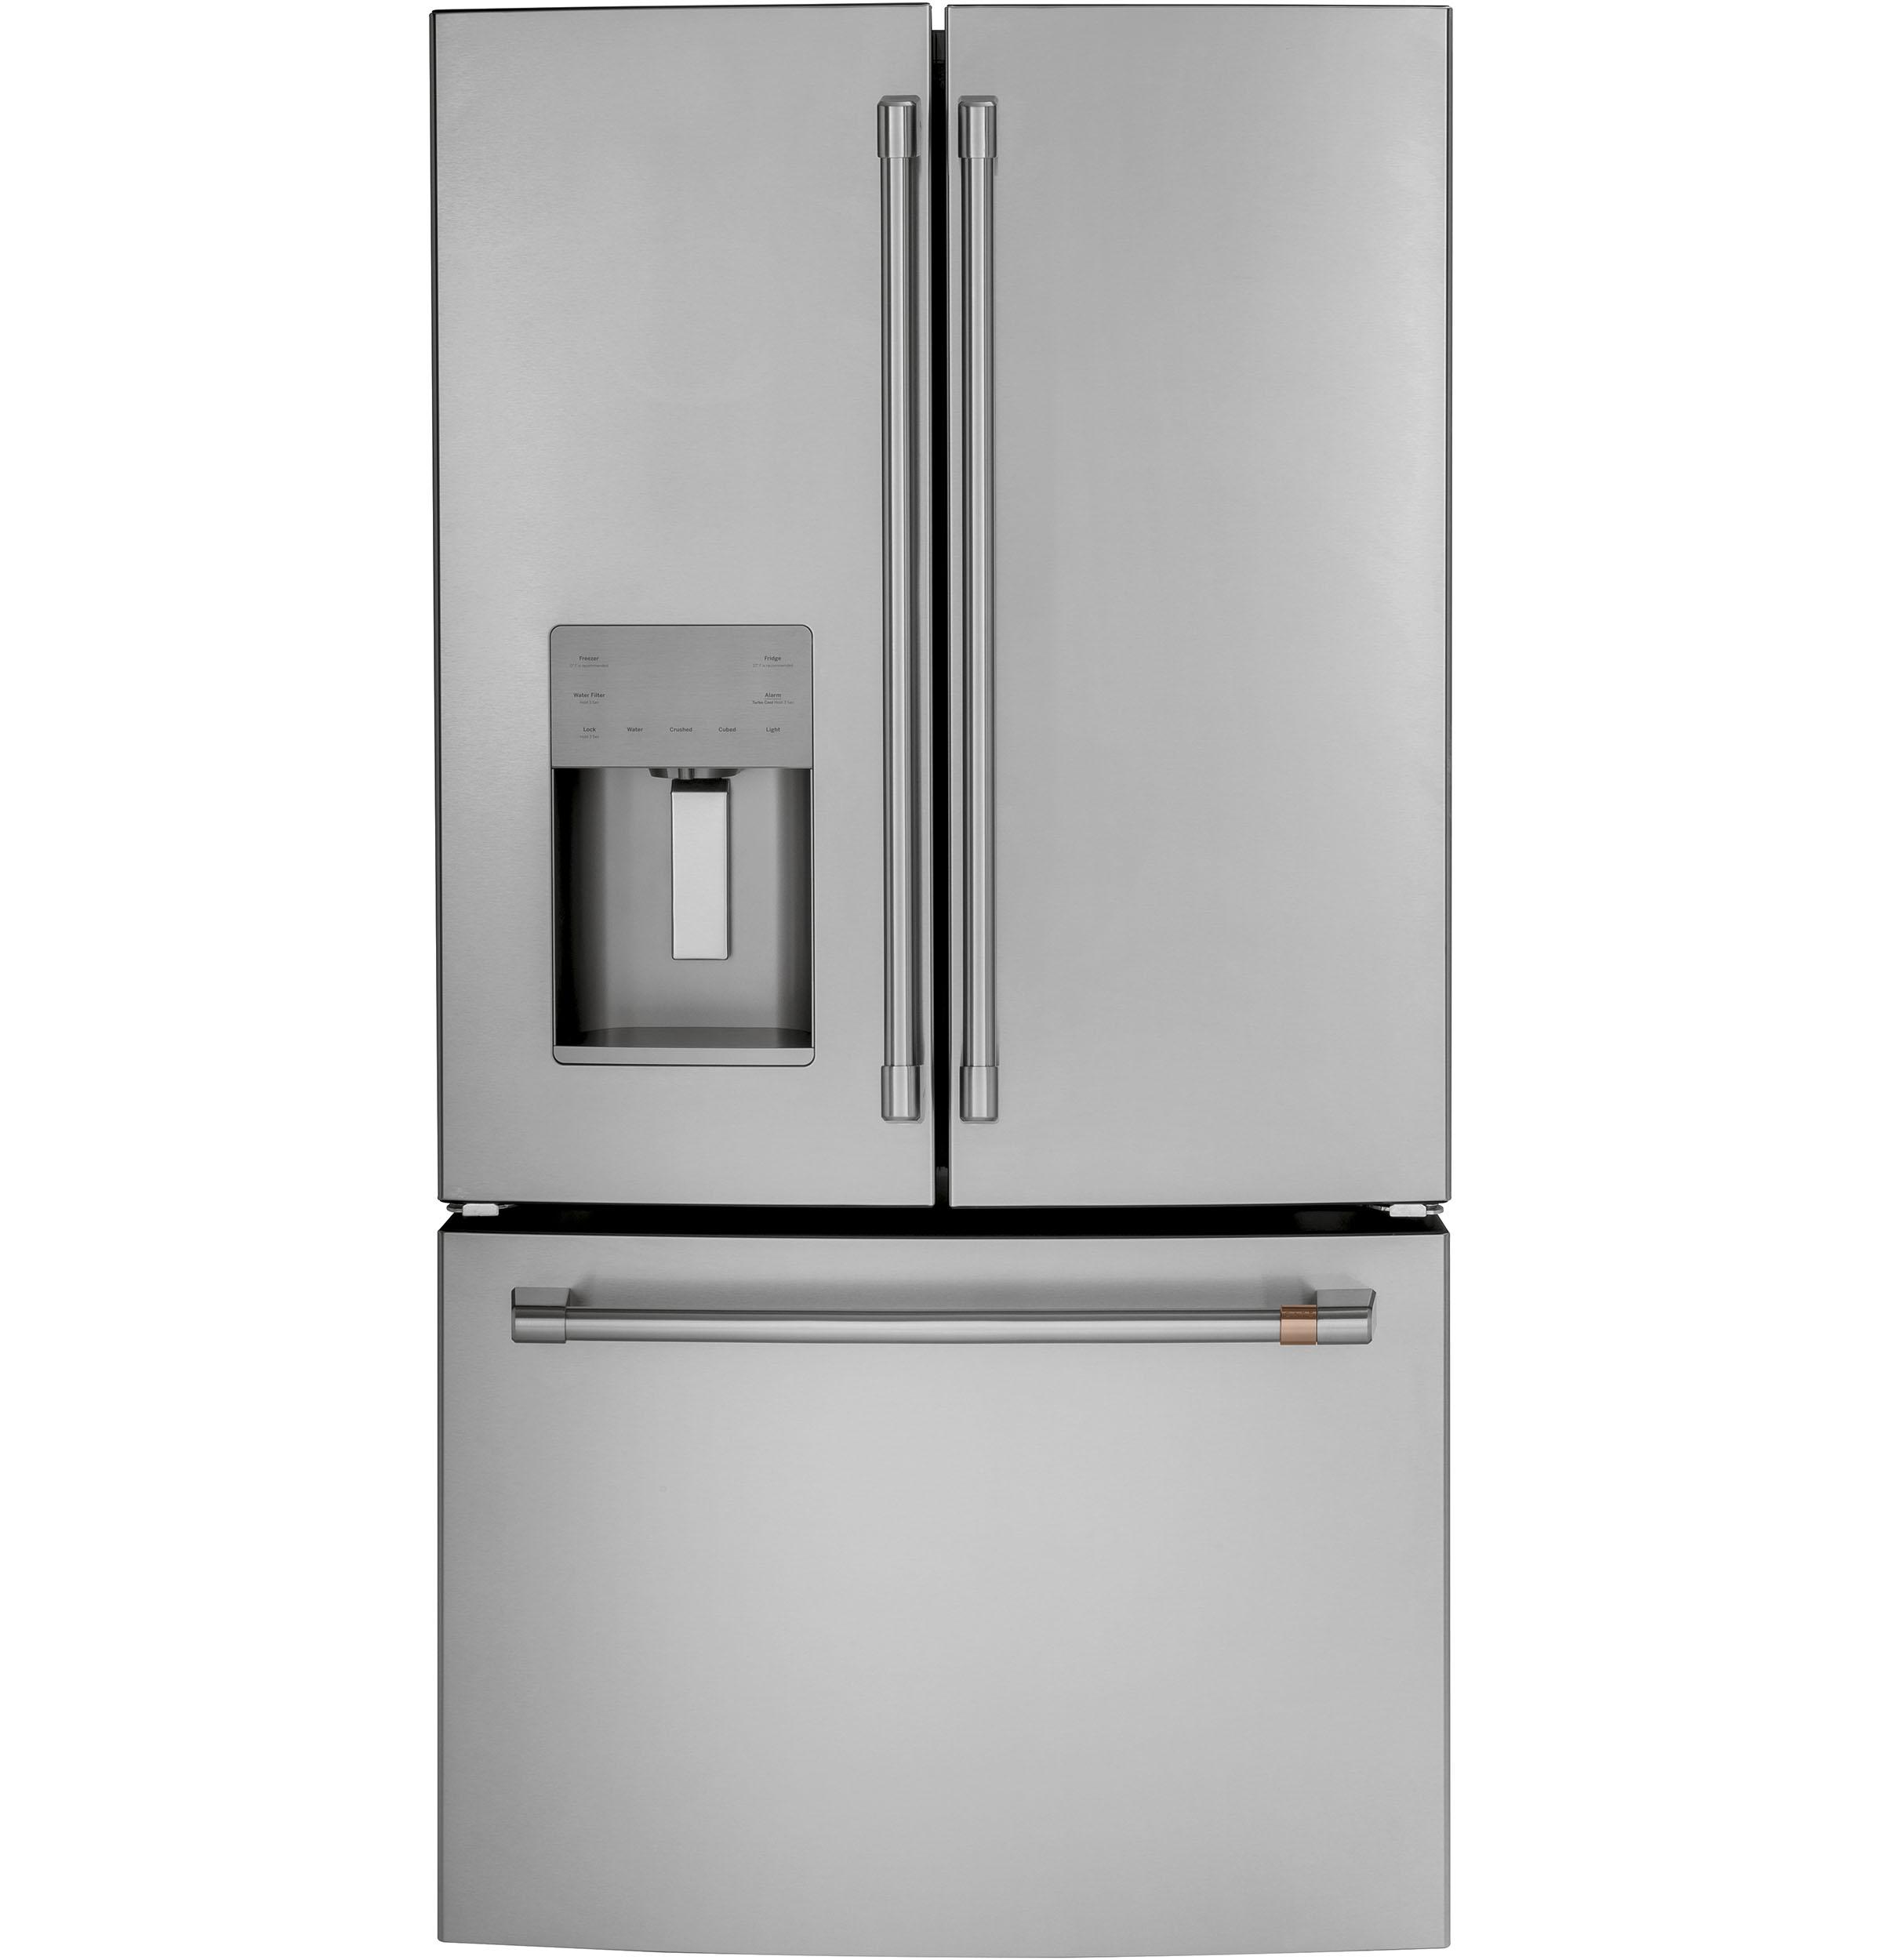 Café™ ENERGY STAR® 25.6 Cu. Ft. French-Door Refrigerator